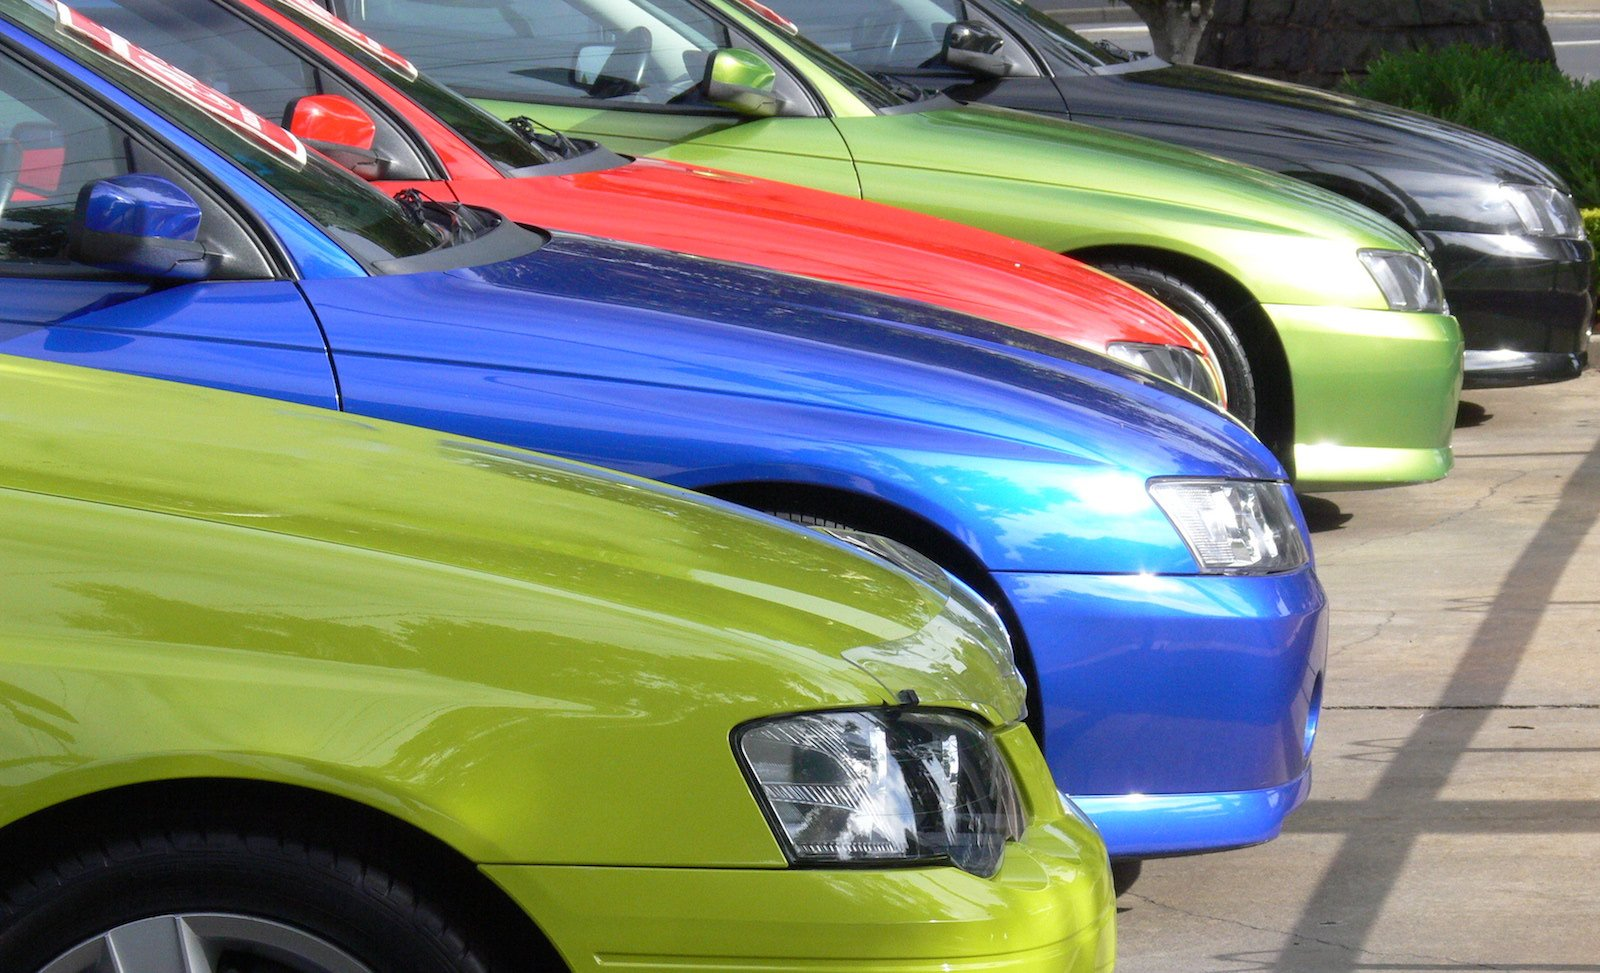 Эксперты дали рекомендации по покупке б/у автомобилей - today.ua